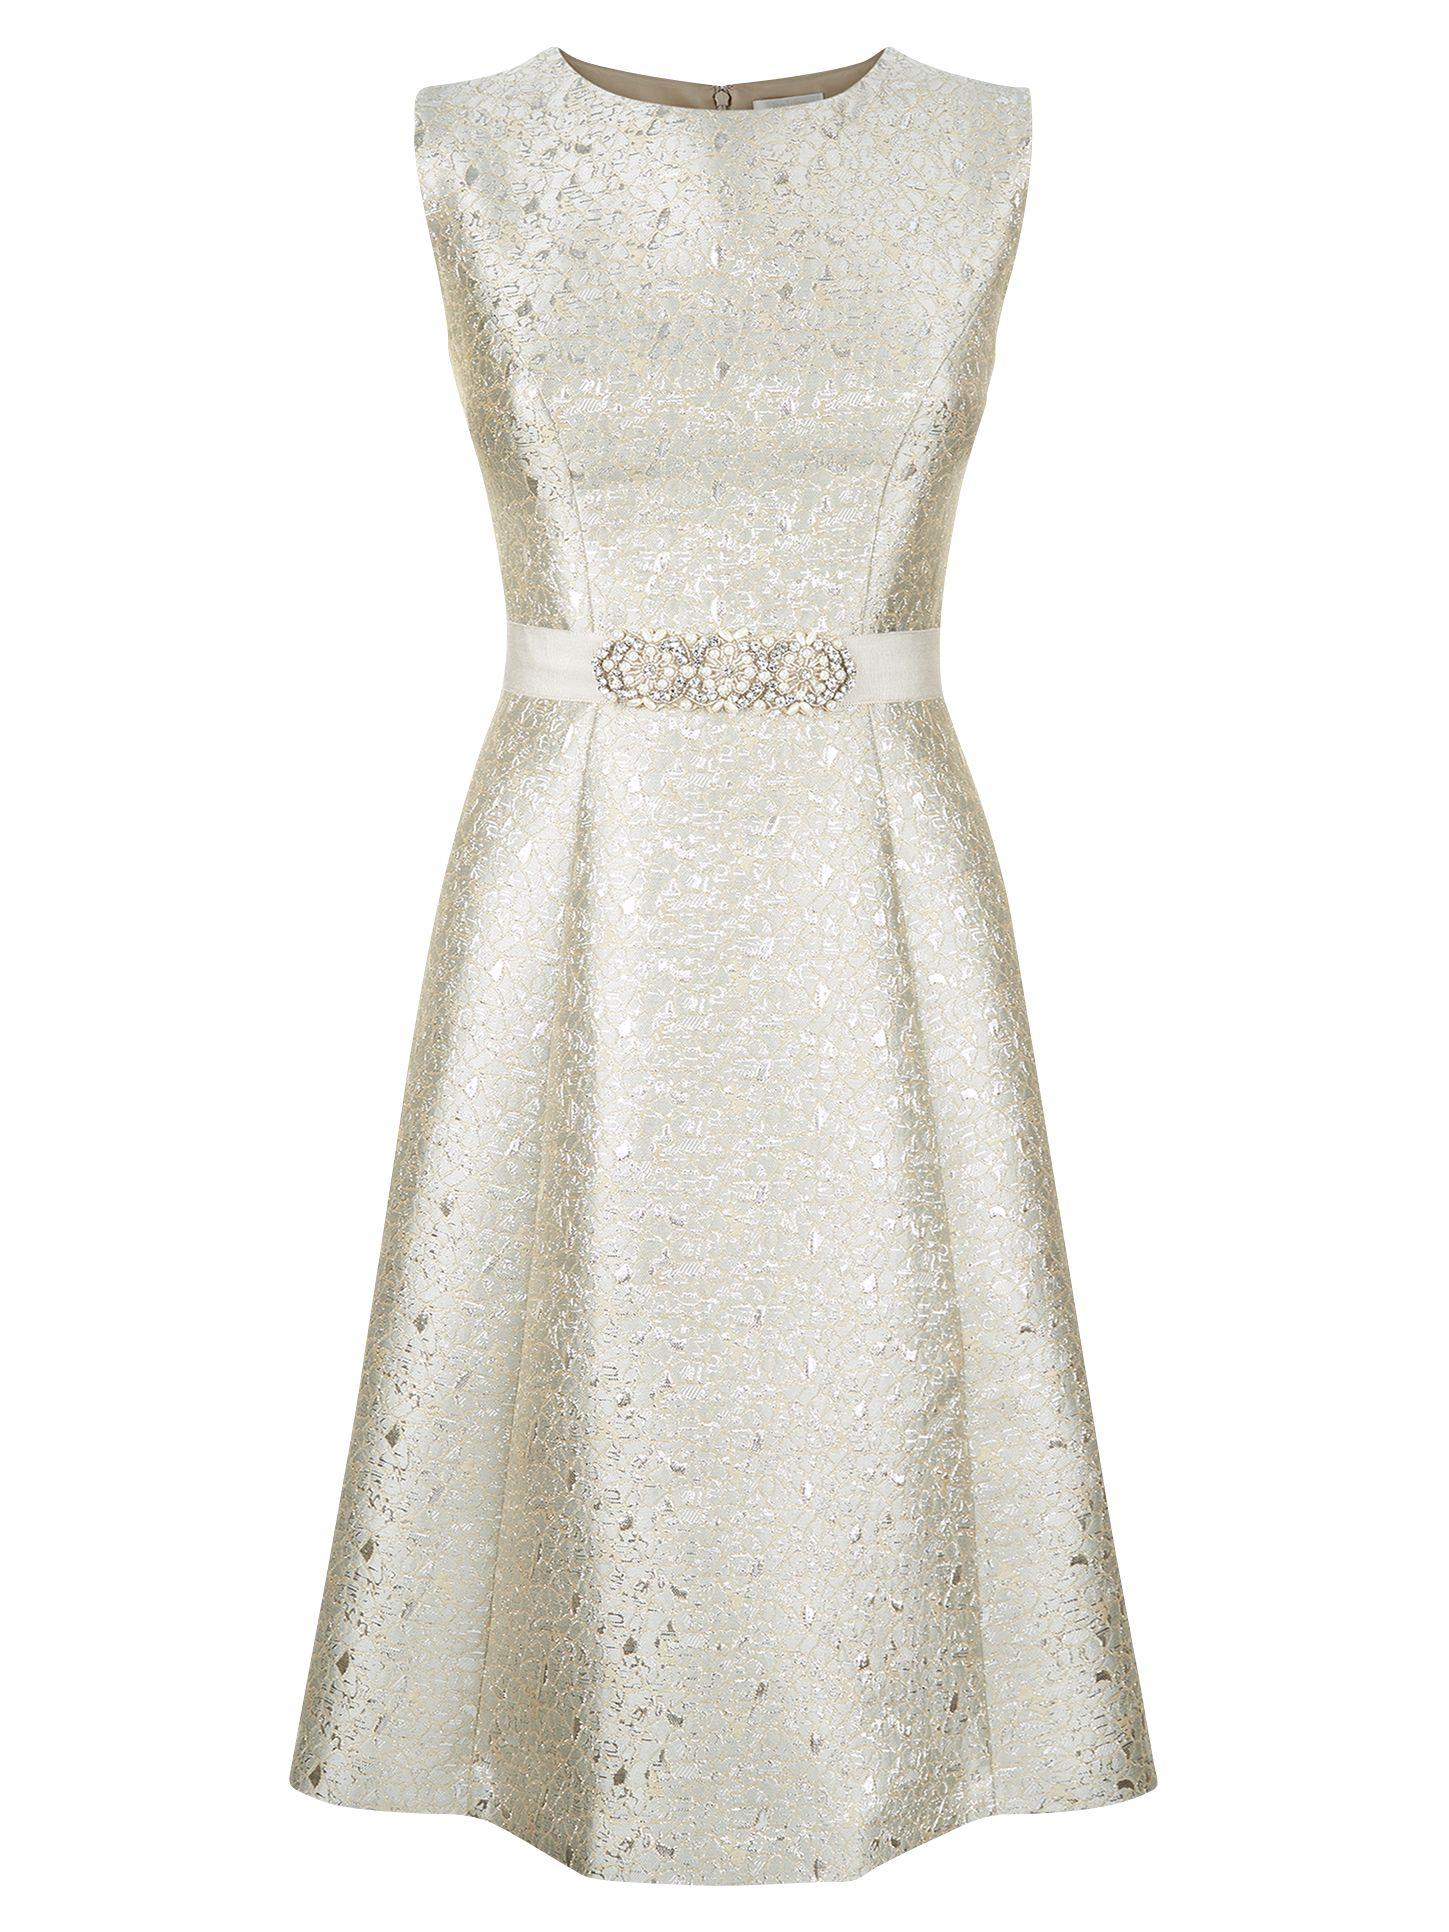 kaliko jacquard embellished prom dress light grey, kaliko, jacquard, embellished, prom, dress, light, grey, 10 14 12 20 18 8 16, women, plus size, womens dresses, 1869368